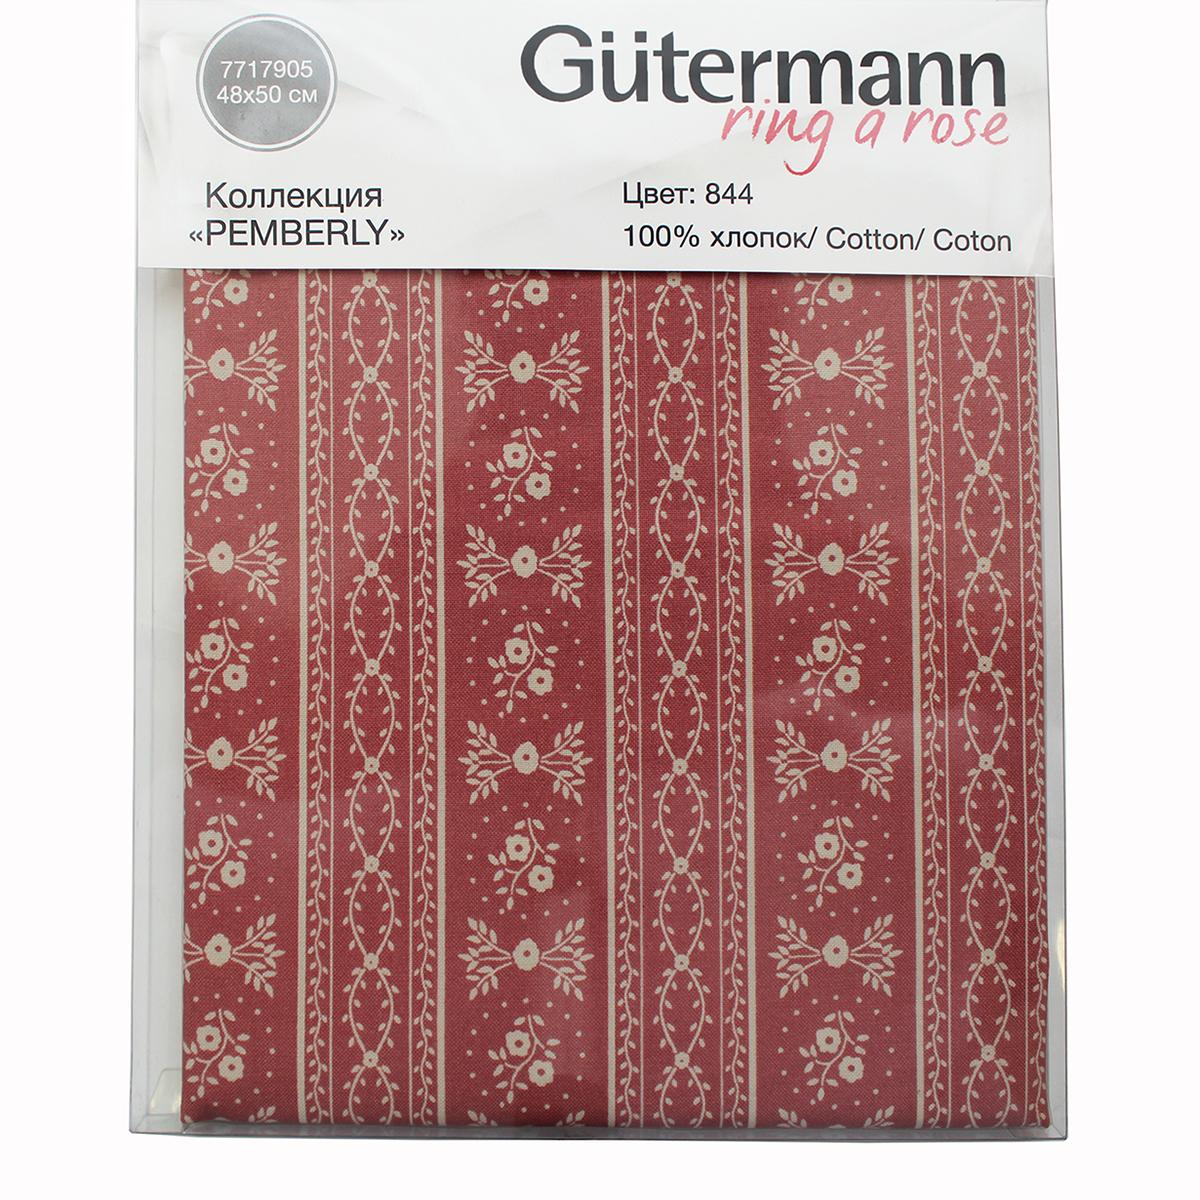 Ткань Gutermann Pemberly, 48 х 50 см. 649101_8447717905-844Хлопковая ткань от Gutermann (Гутерманн) выполнена из 100% натурального материала, идеально подойдет для шитья одежды, постельного белья, декорирования. Ткань не линяет, не осыпается по краям и не дает усадки.